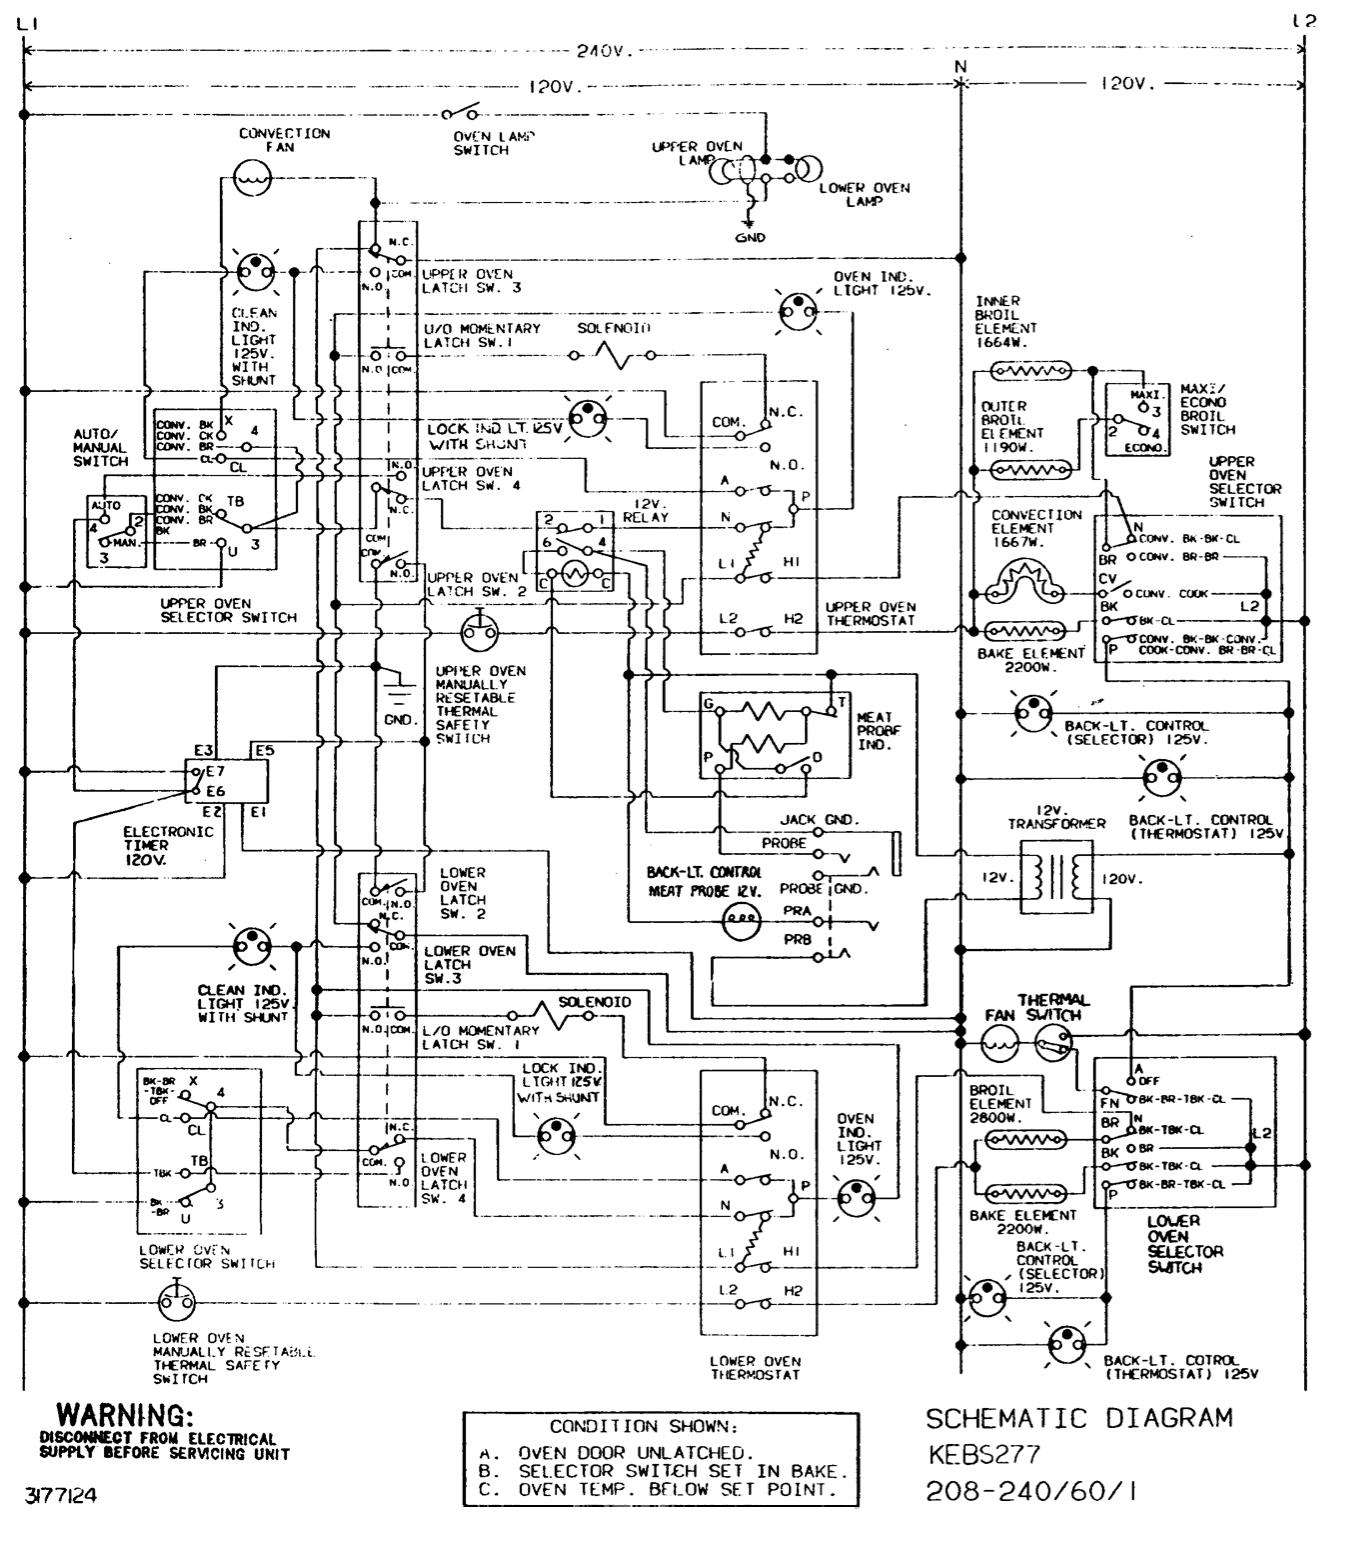 Ge Gas Range Wiring Diagram | Wiring Diagram - Ge Refrigerator Wiring Diagram